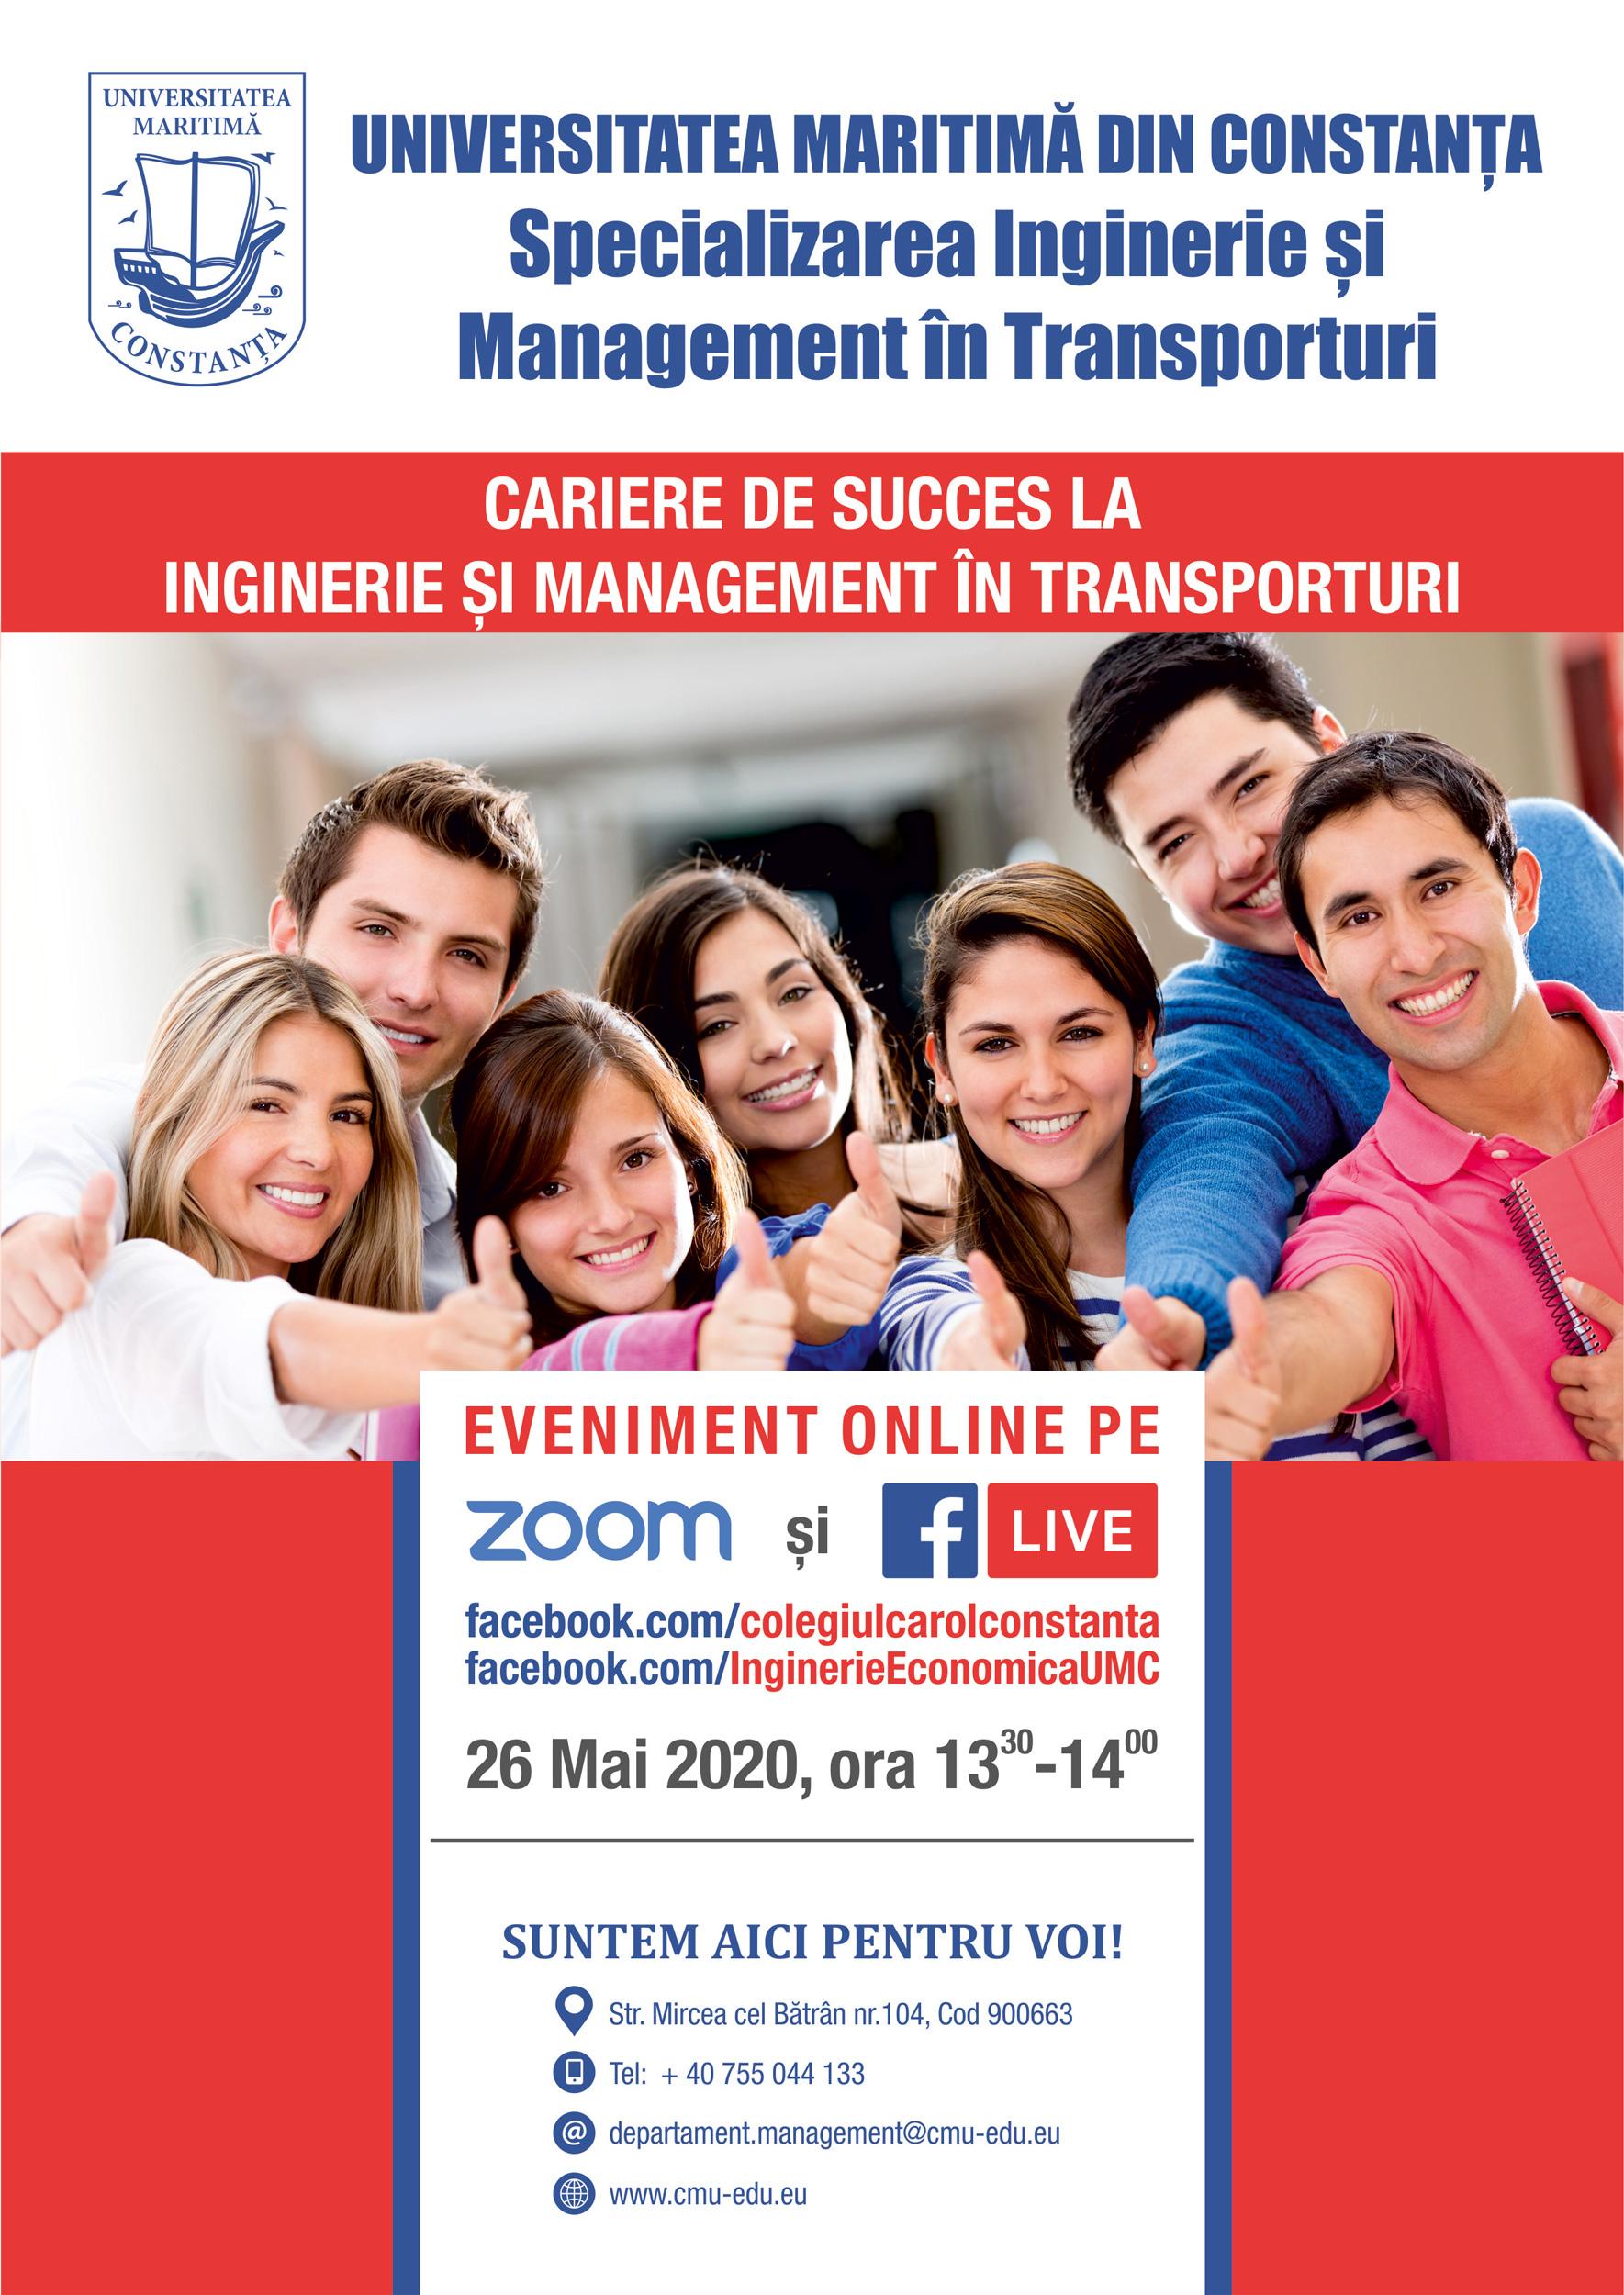 Cariere de Succes la Inginerie și Management în Transporturi